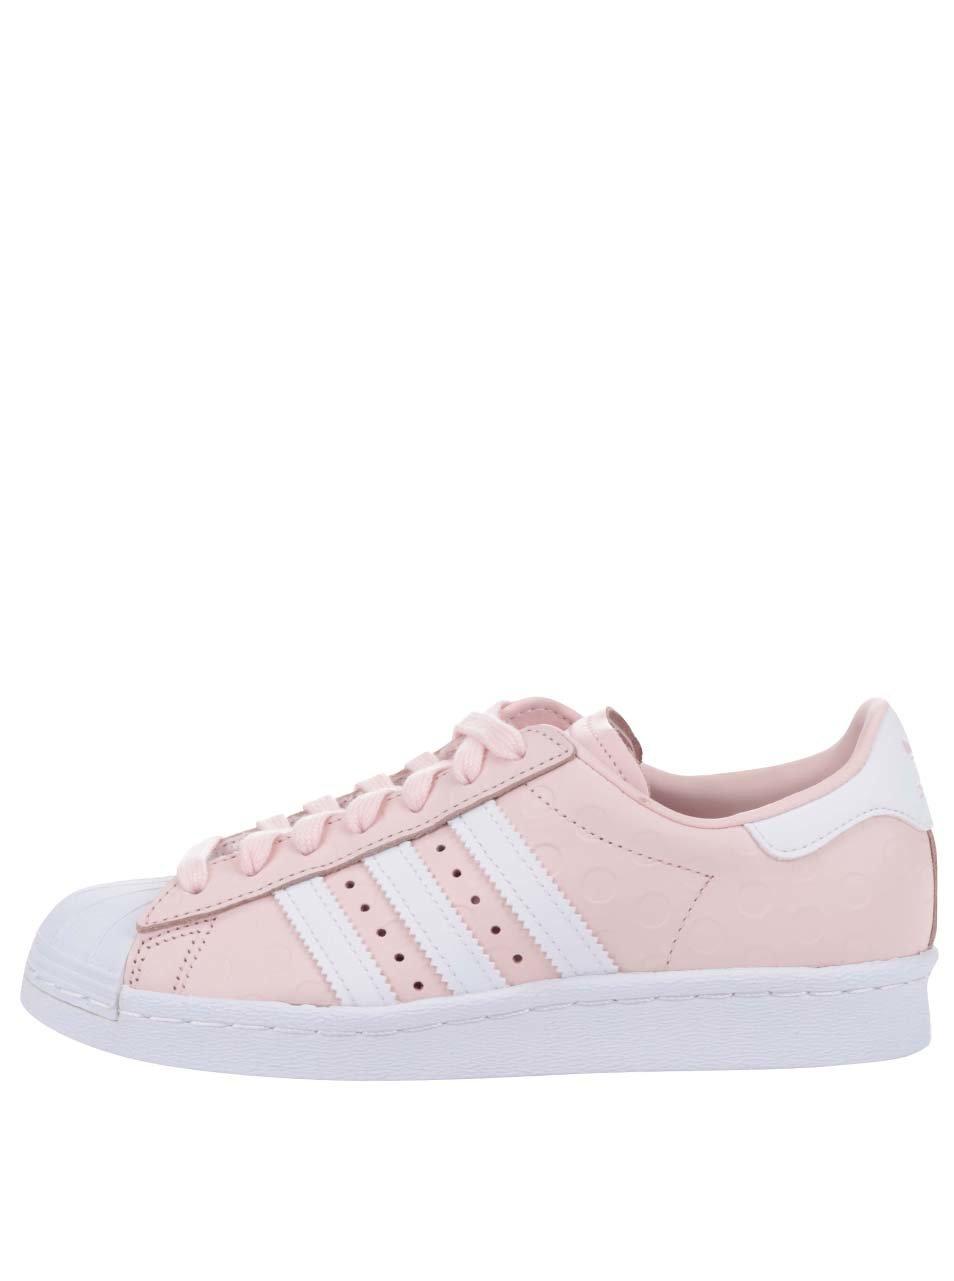 a881dcd033108 Ružové dámske kožené tenisky na platforme adidas Originals Superstar ...